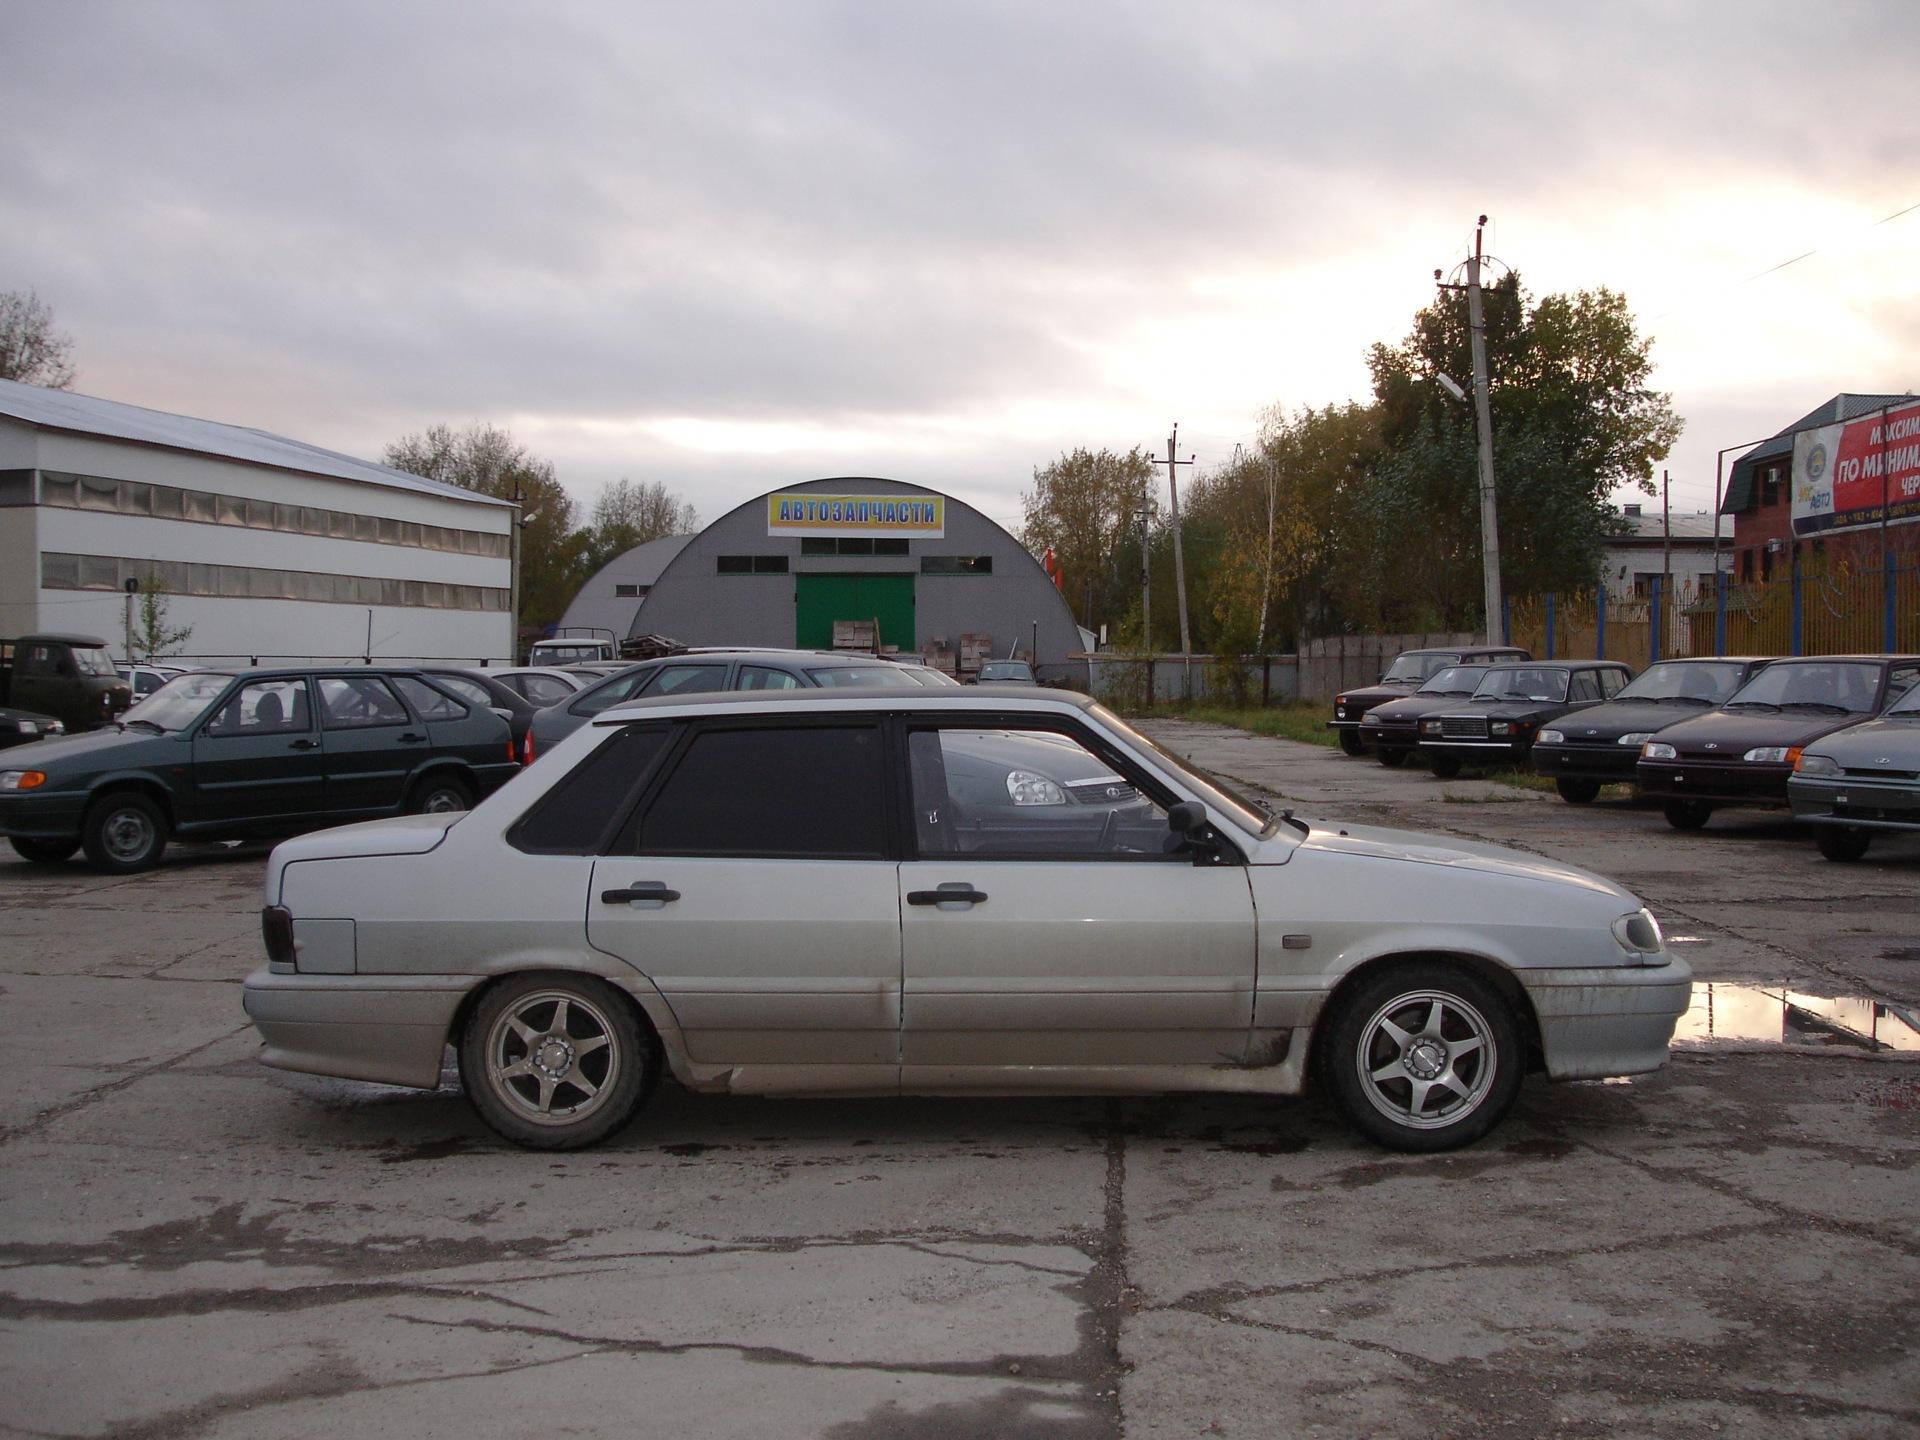 продажа машины в расрочку знакомому